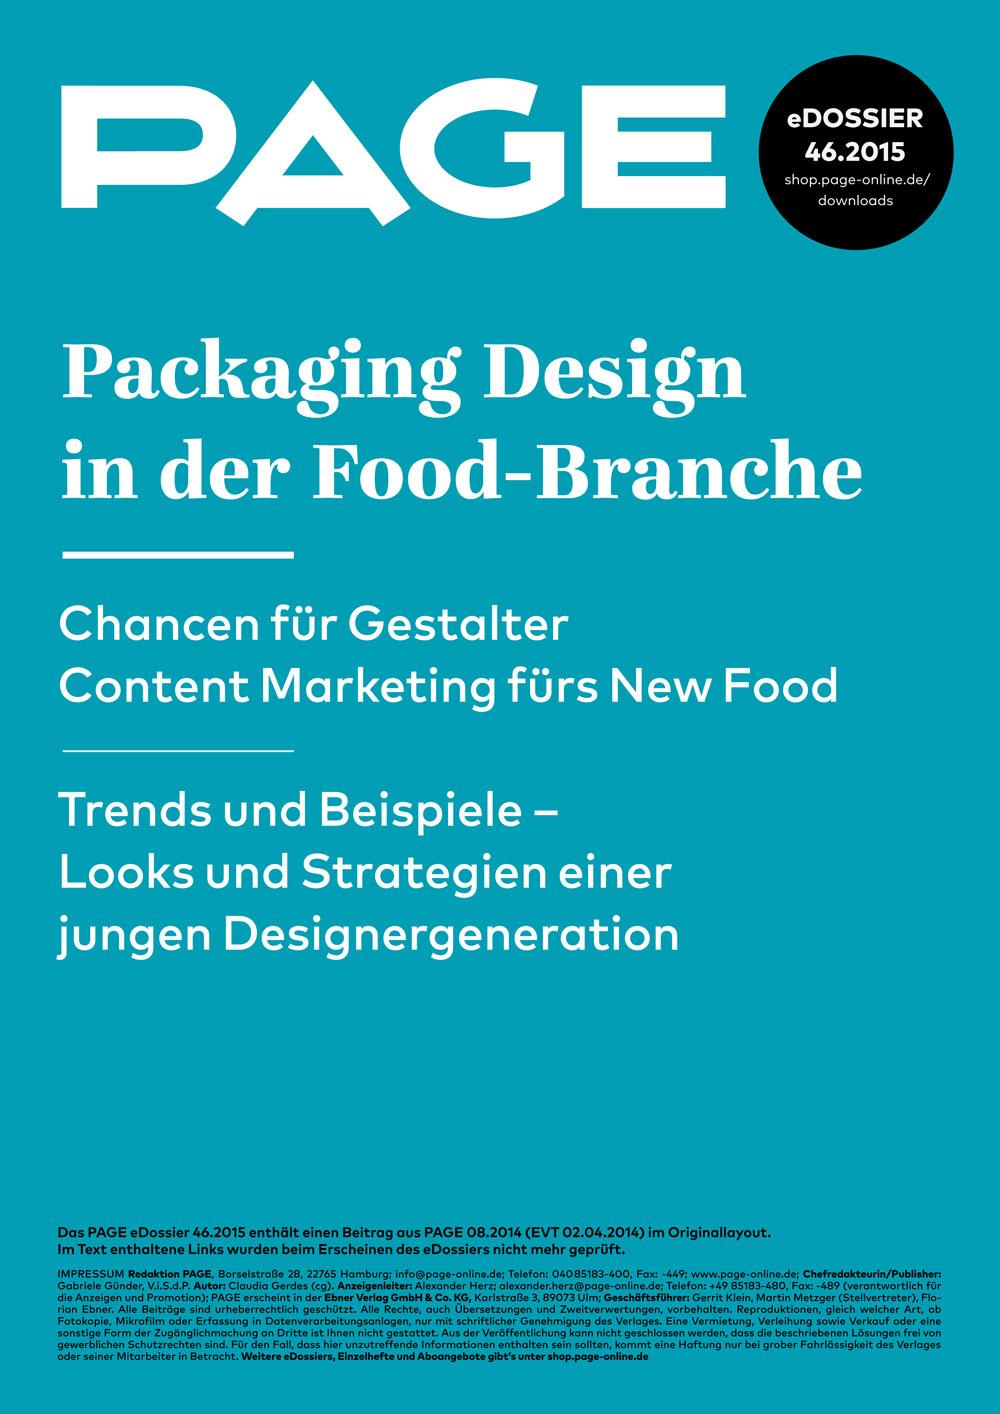 Produkt: eDossier: »Packaging Design in der Food-Branche«